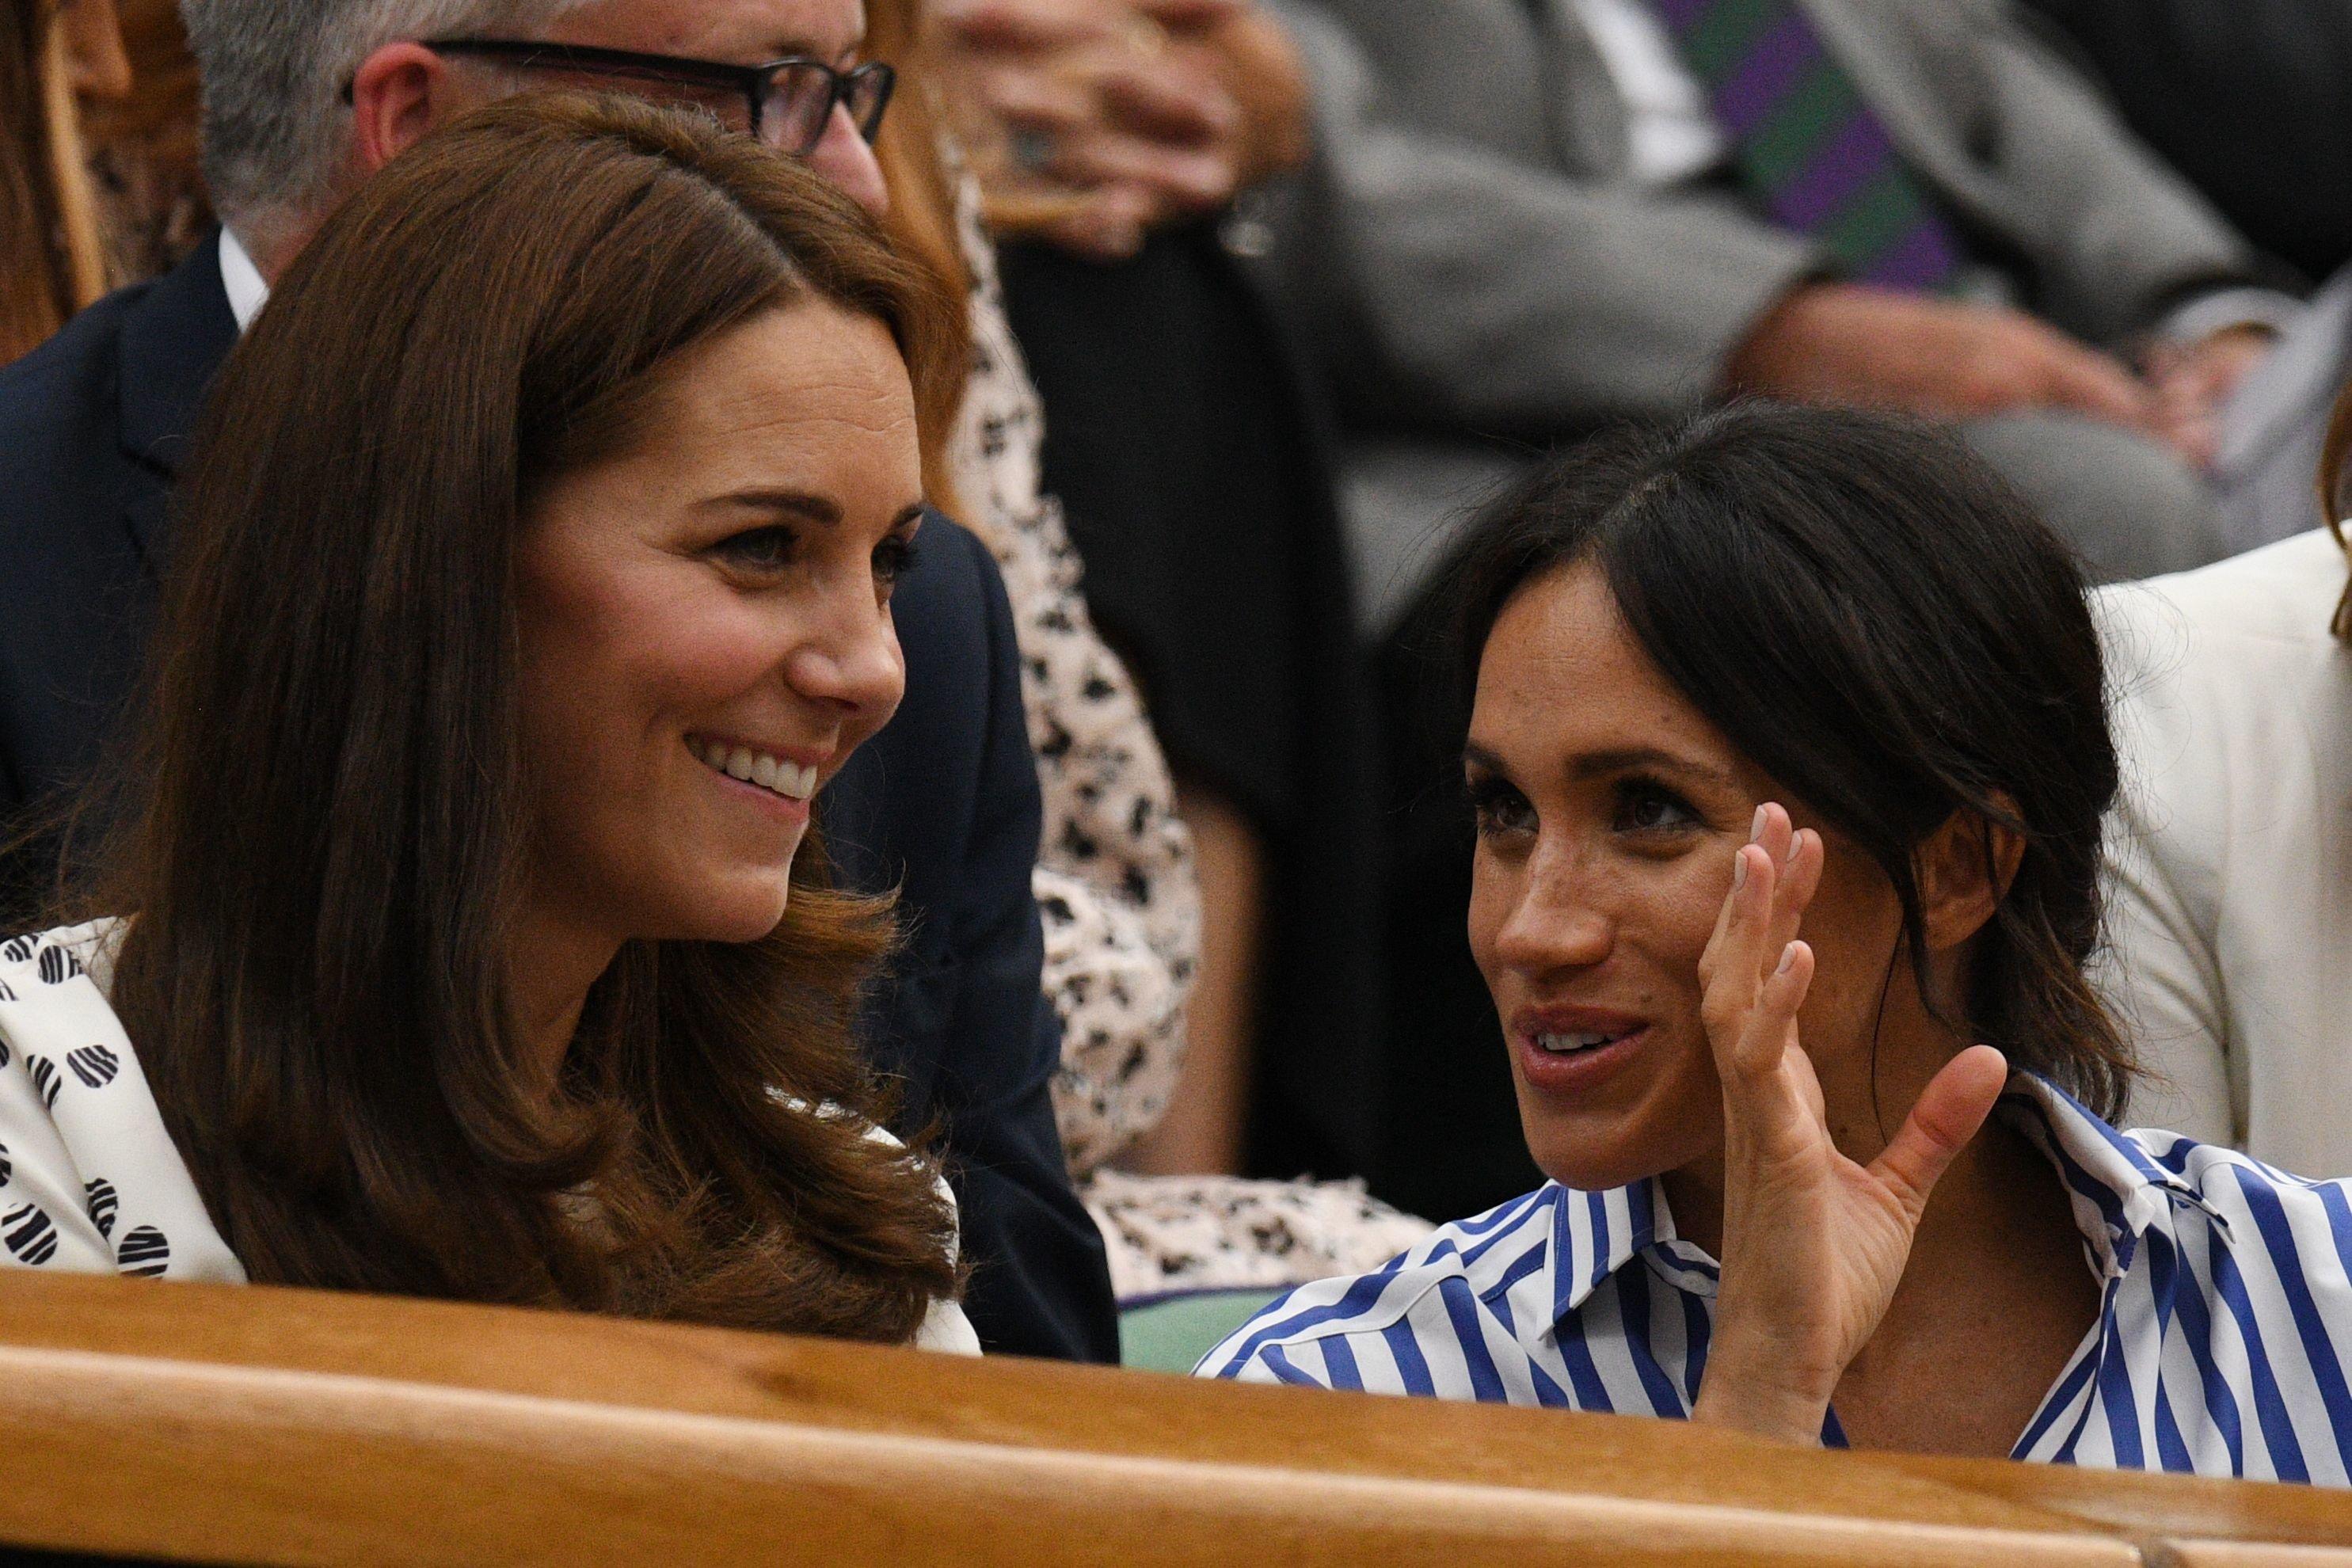 Expertin: Deshalb sollen Herzogin Meghan und Kate spezielle Unterwäsche tragen